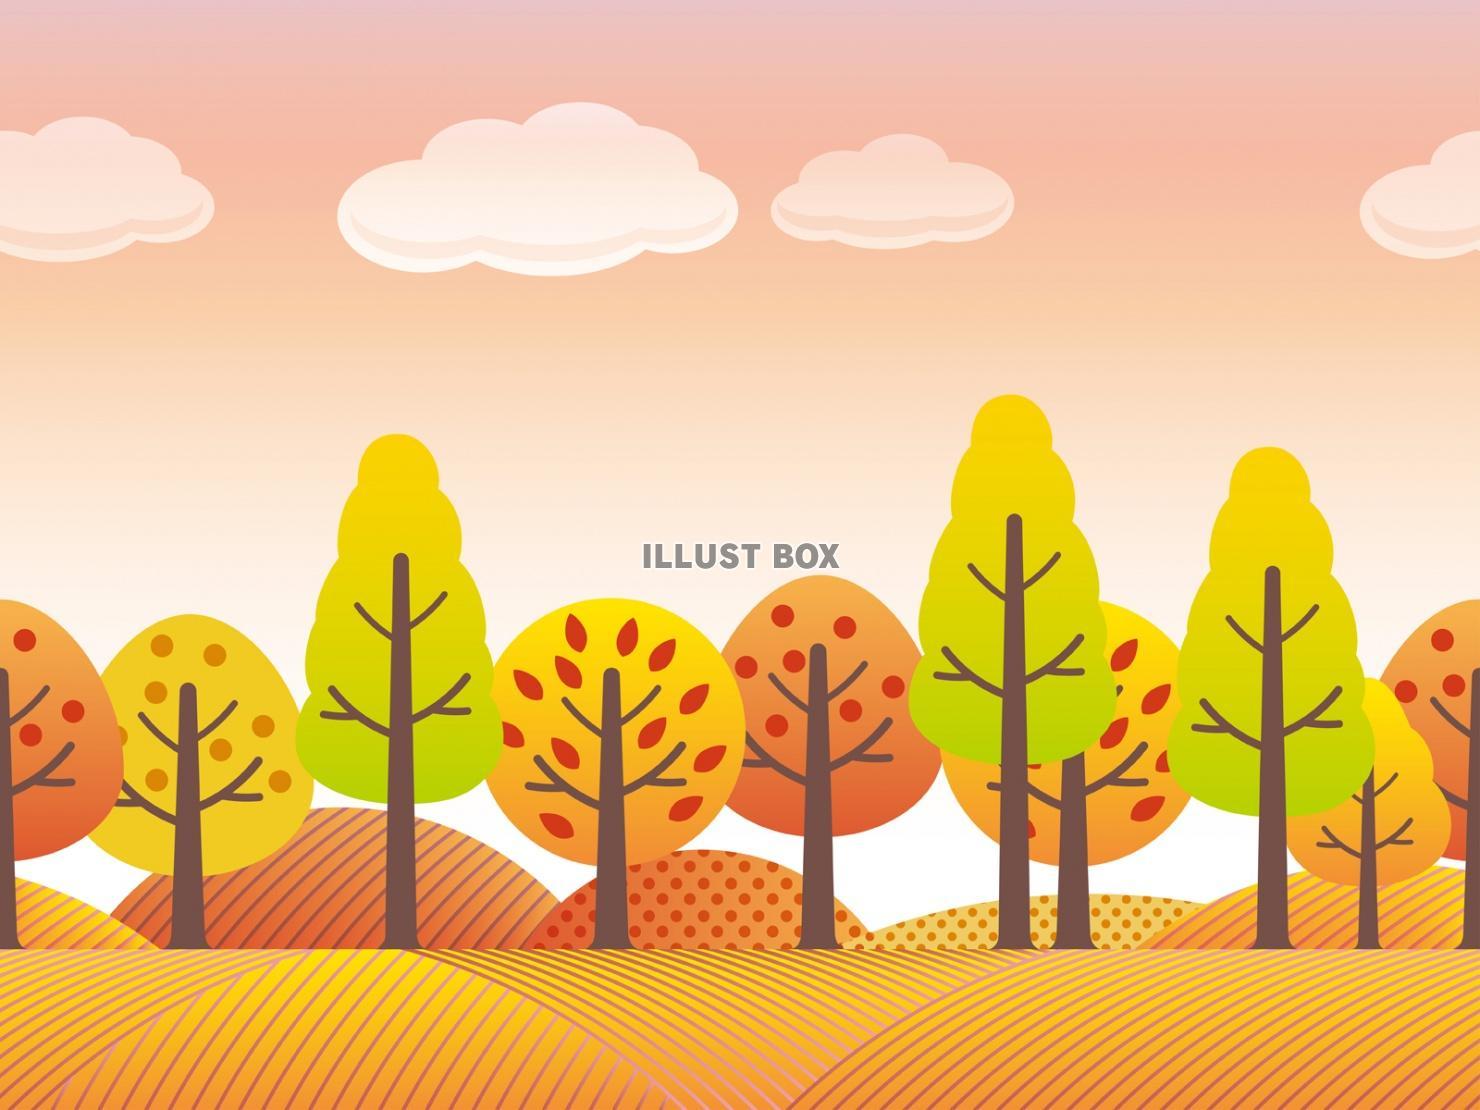 無料イラスト 秋の風景1 シームレスな田園のイラスト